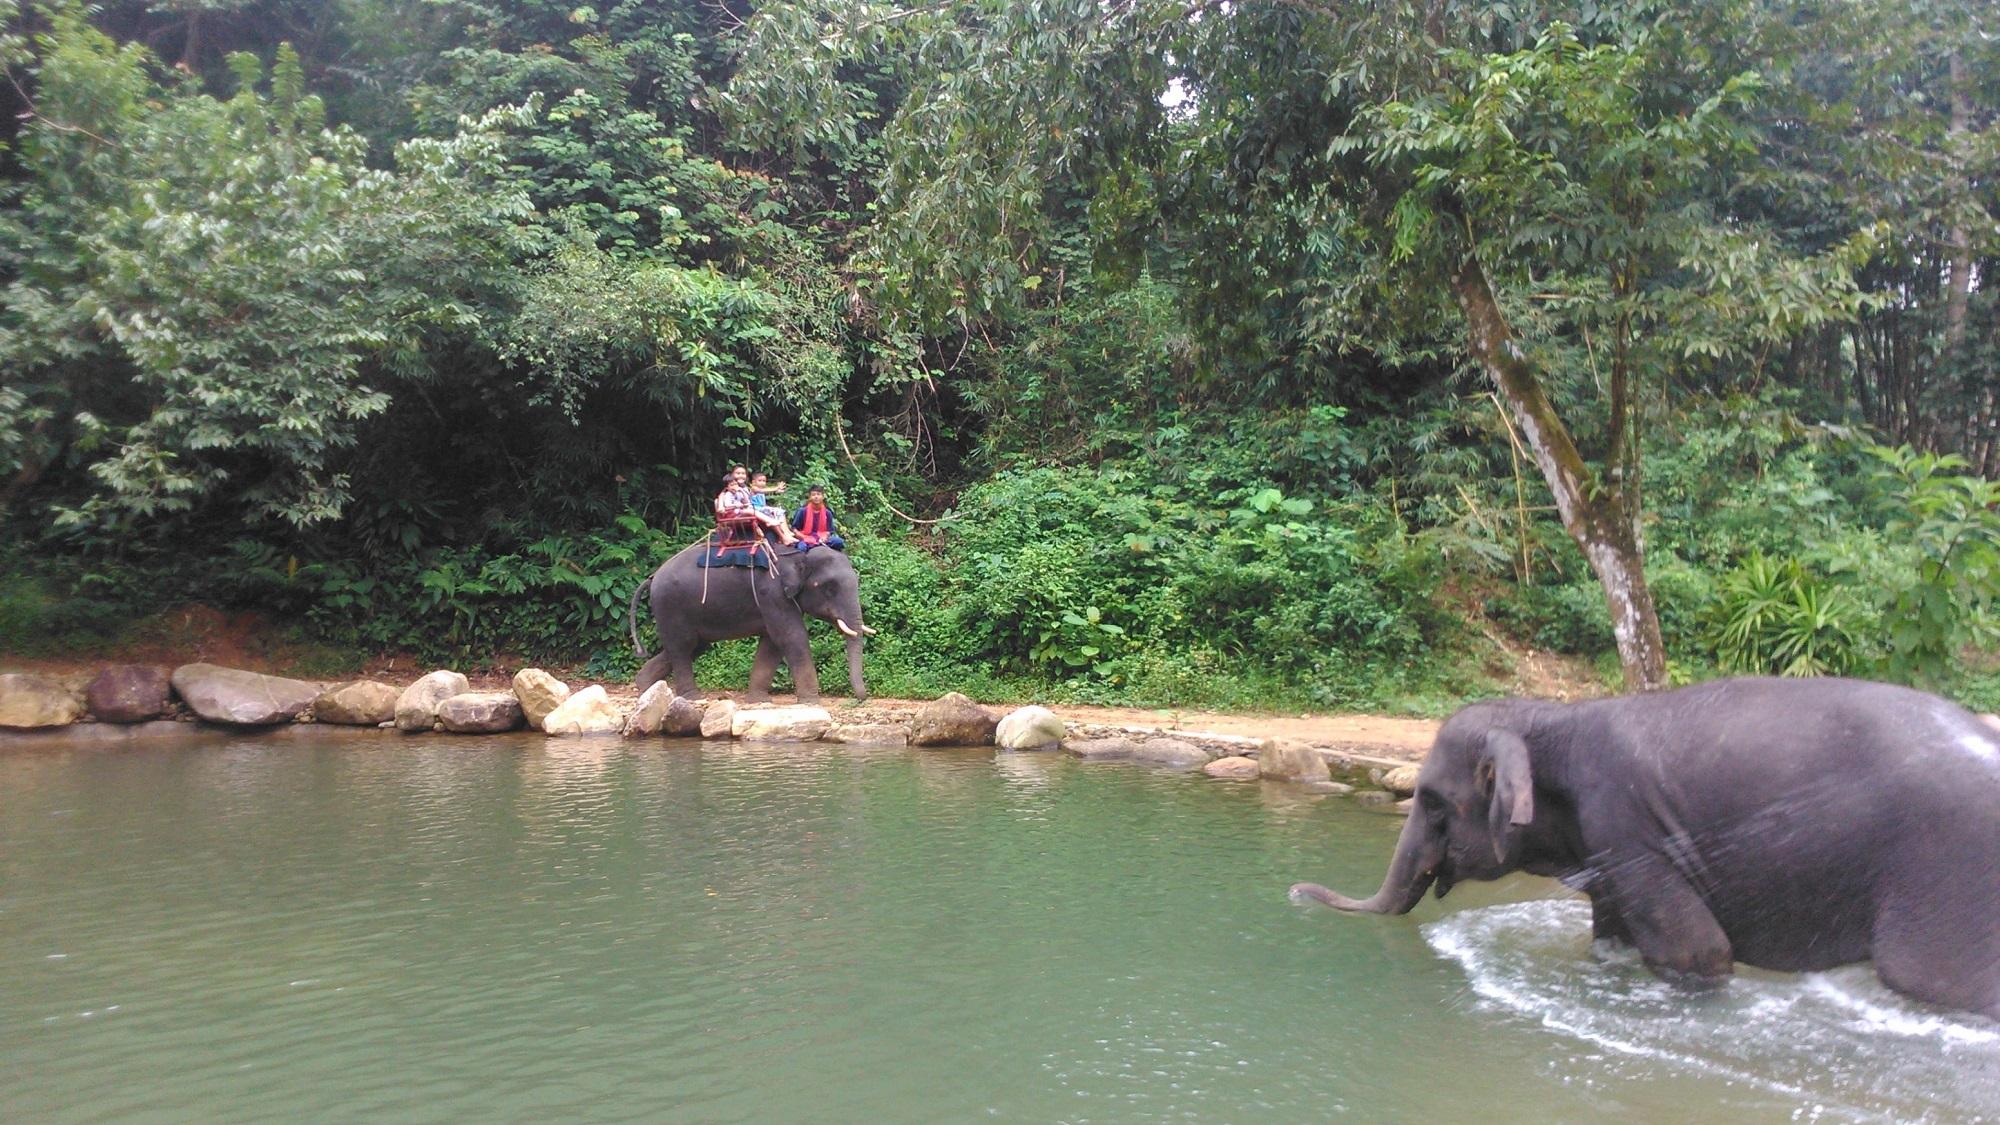 Phang Nga elephant camp